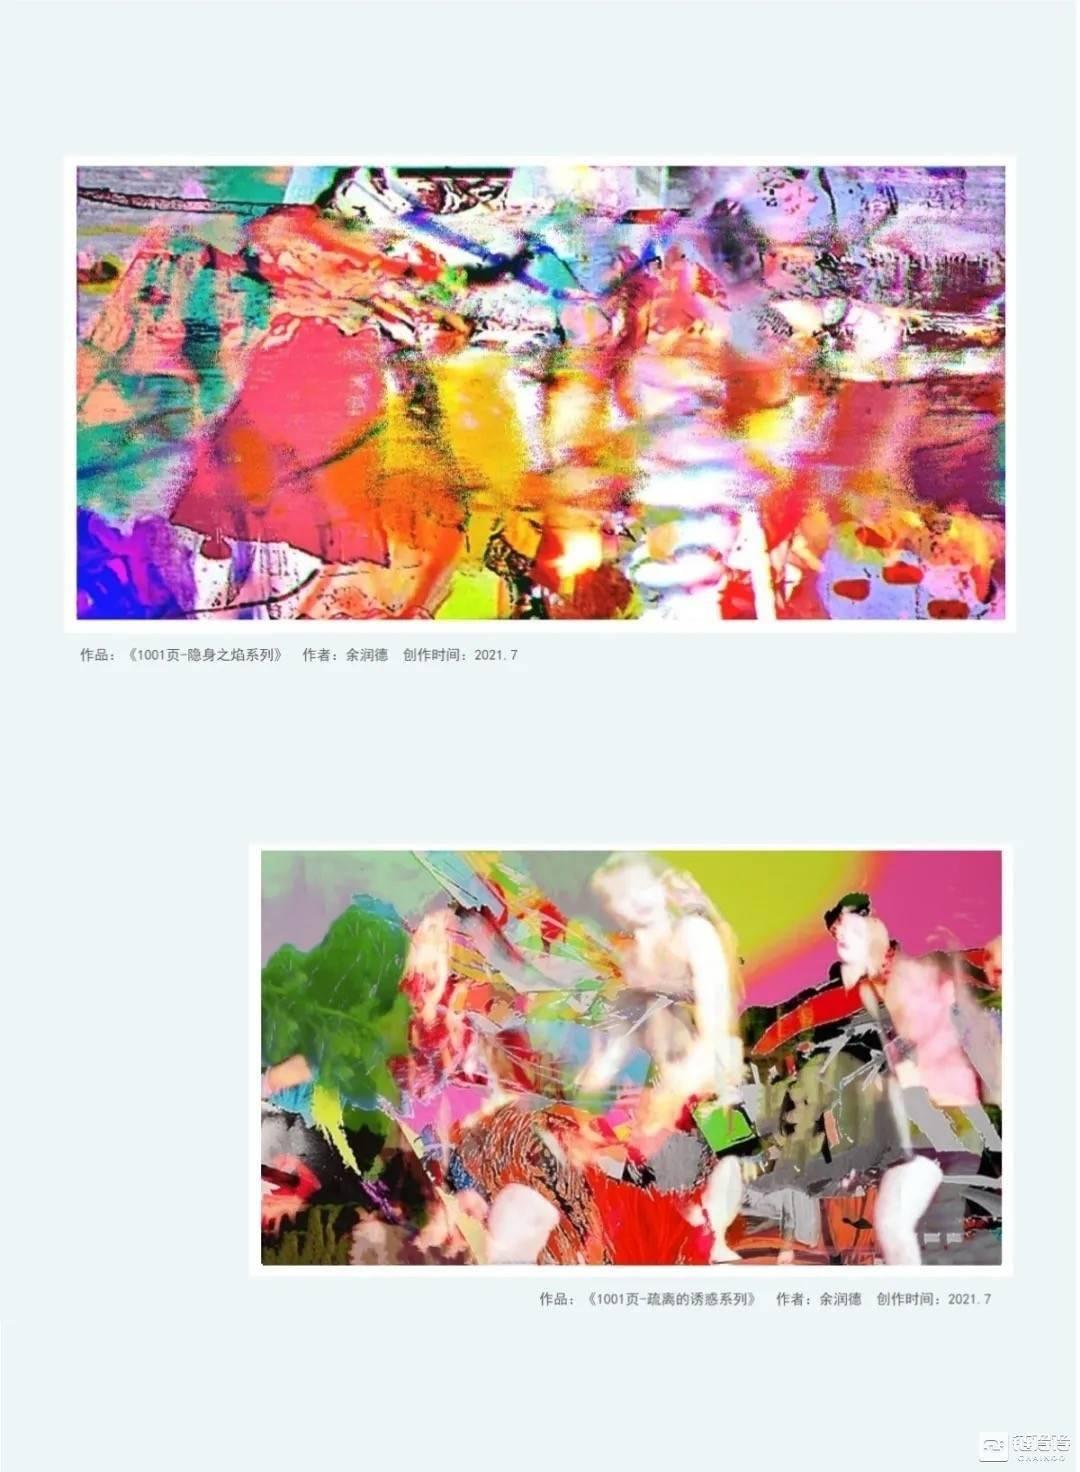 元気星空签约知名艺术家余润德,面向全球首发其NFT作品  第2张 元気星空签约知名艺术家余润德,面向全球首发其NFT作品 币圈信息